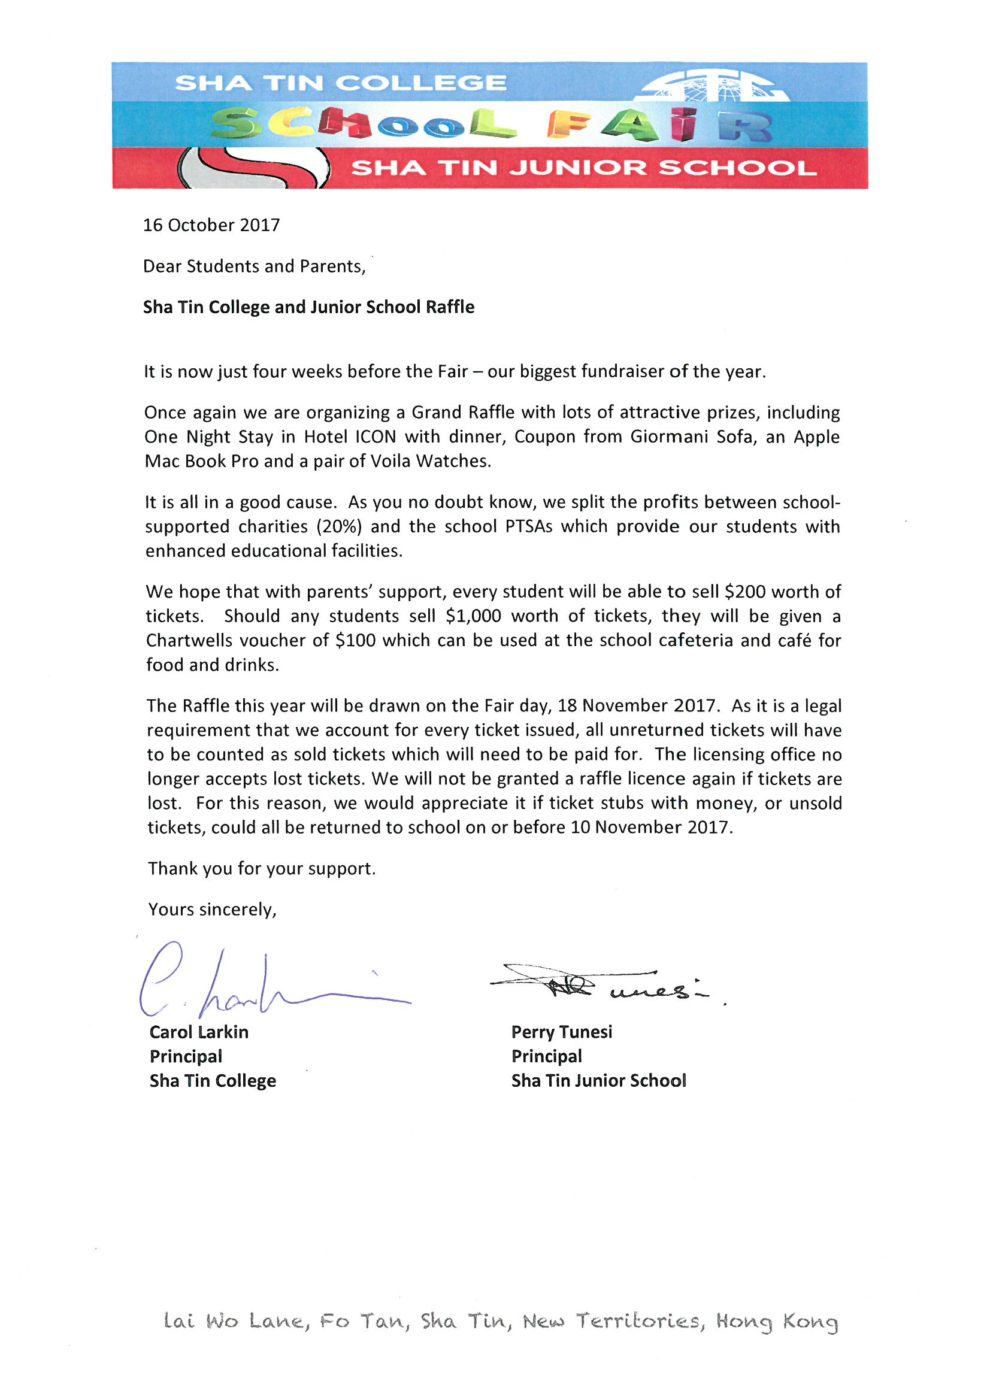 Transmittal Letter Sample For Proposal Request For Sponsorship